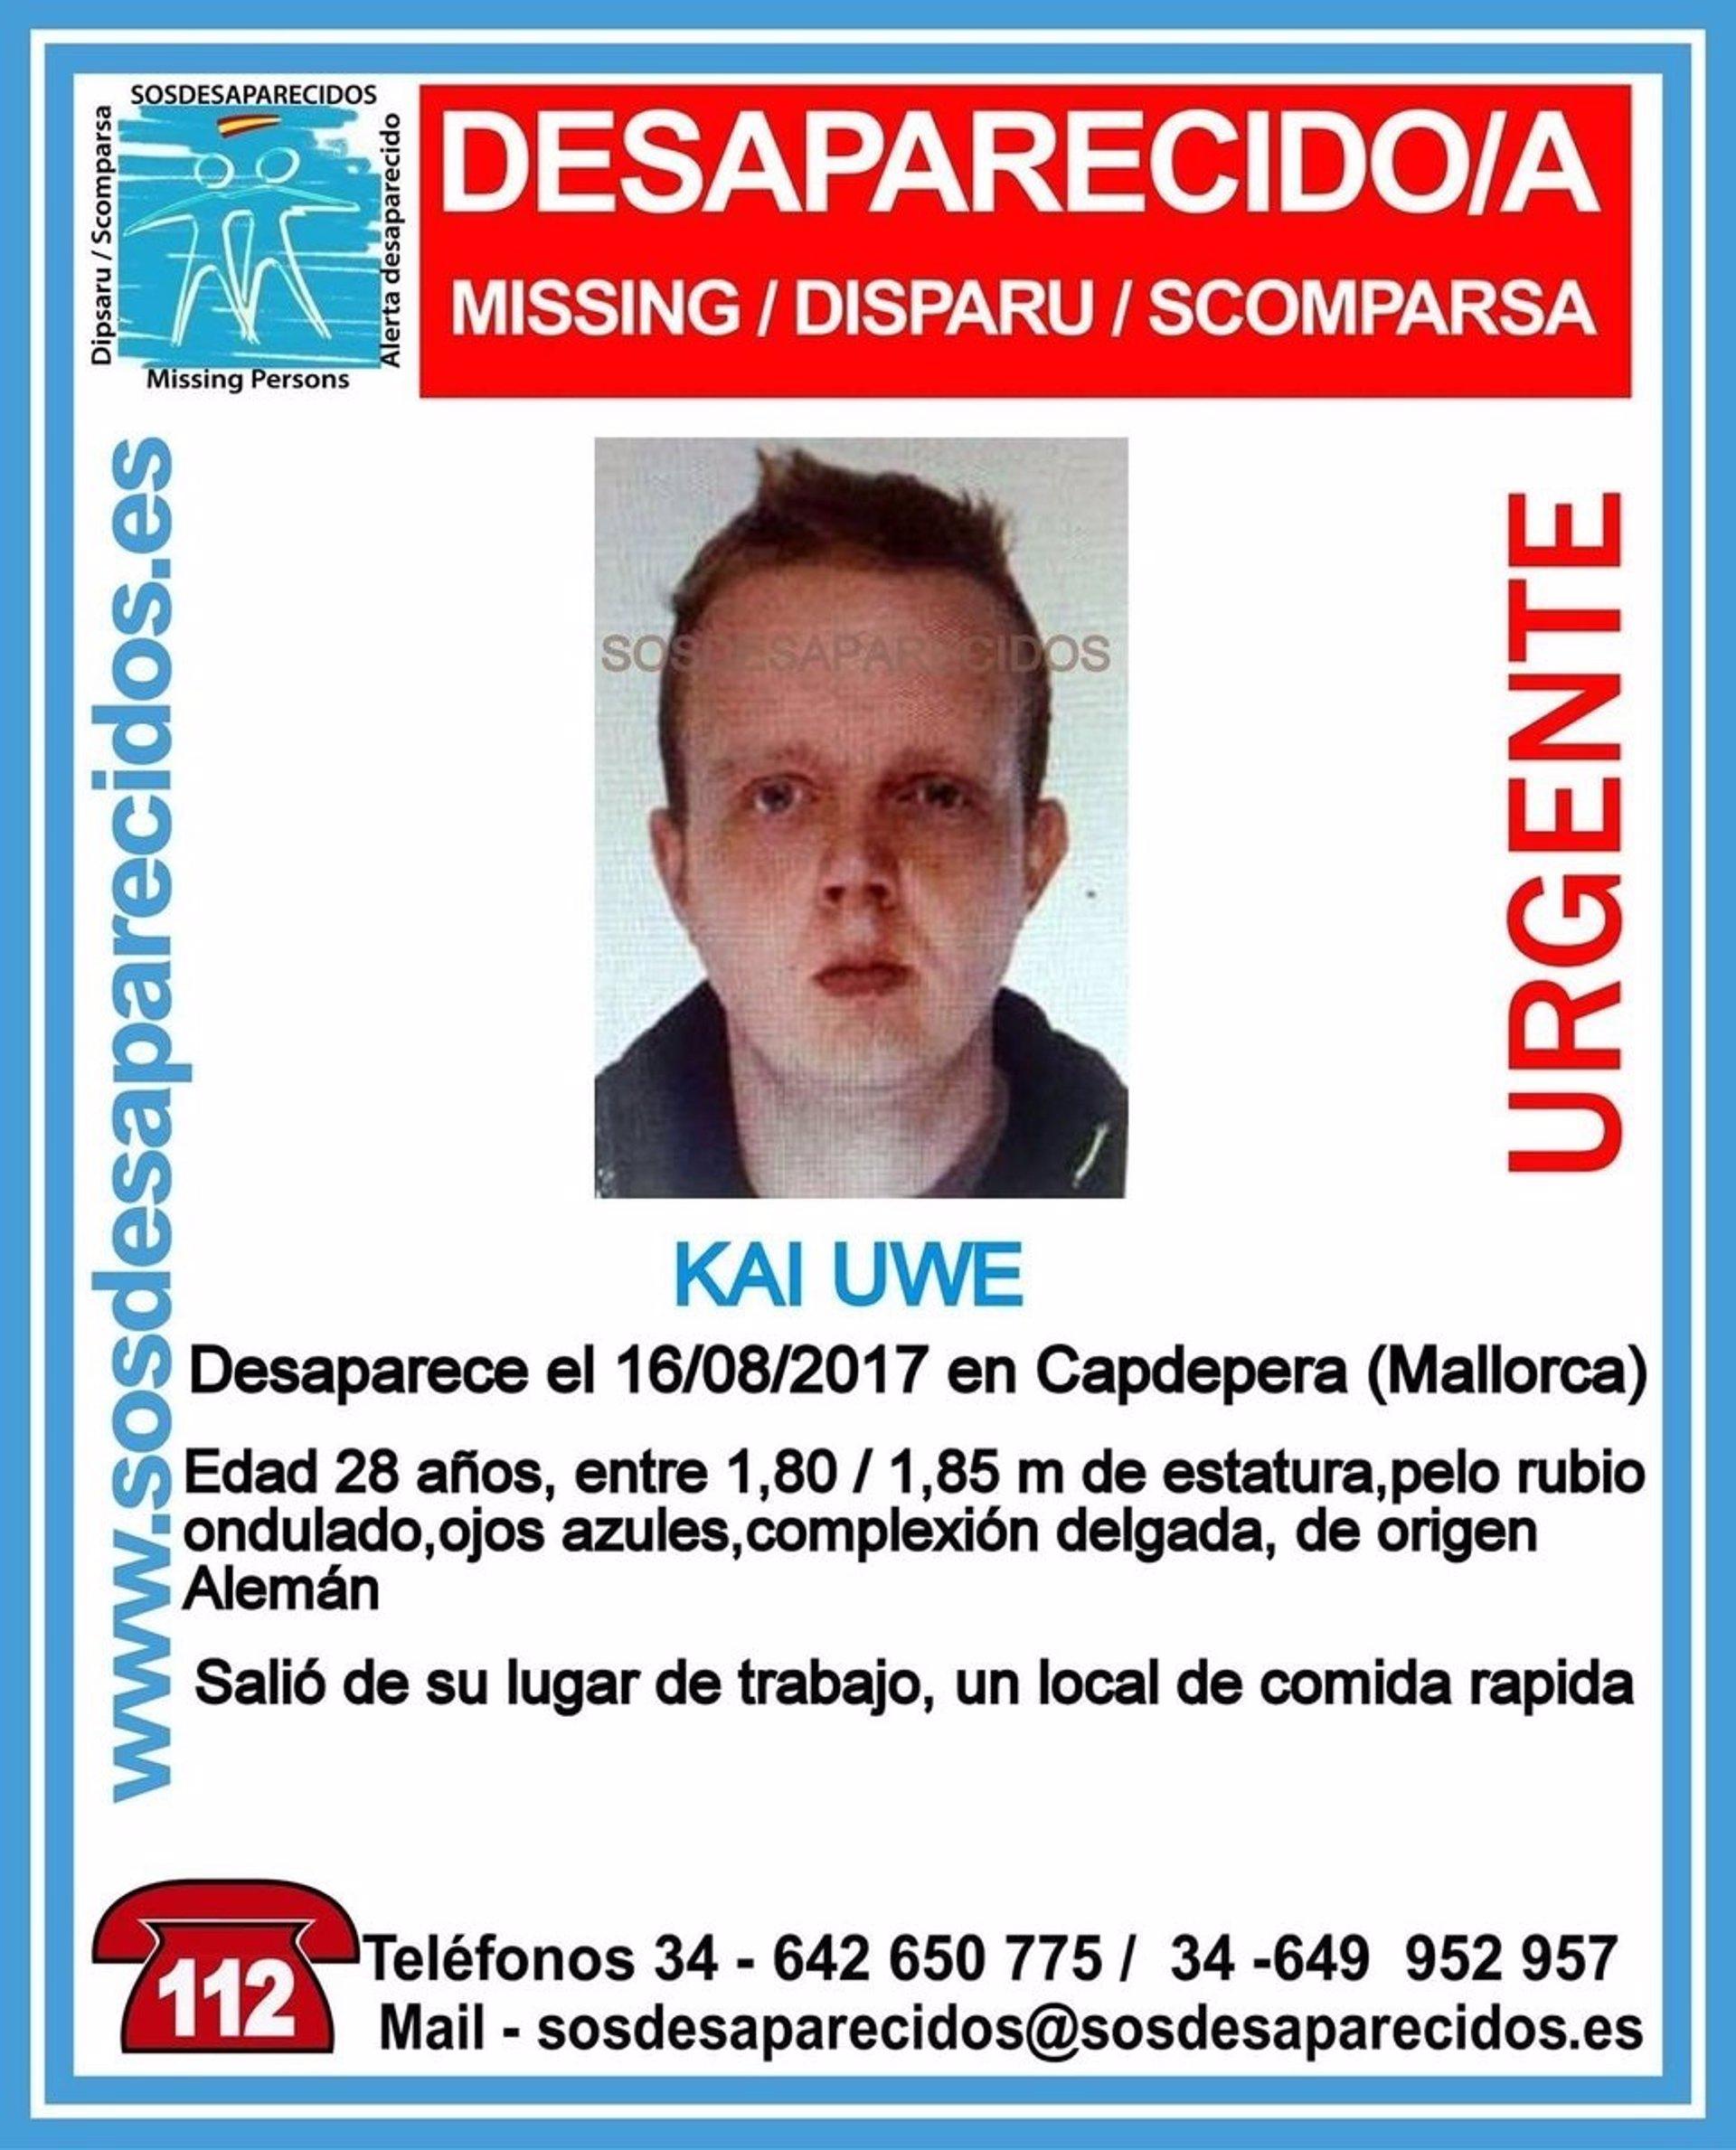 Solicitan colaboración para localizar a un hombre desaparecido en Capdepera